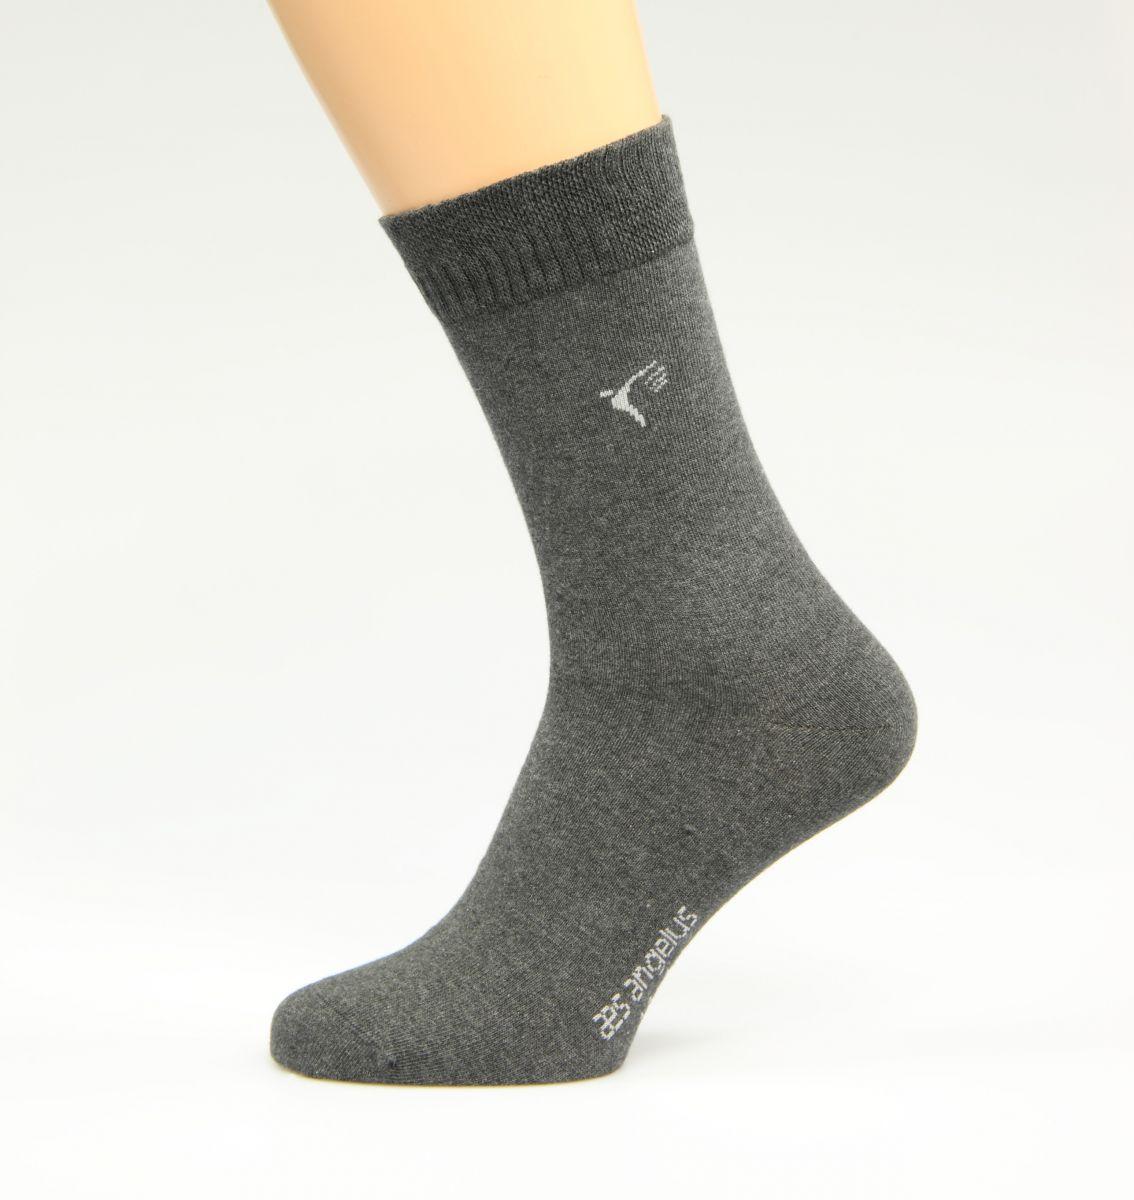 Silbersocken Dunkelgrau ( Diabetiker Socken )